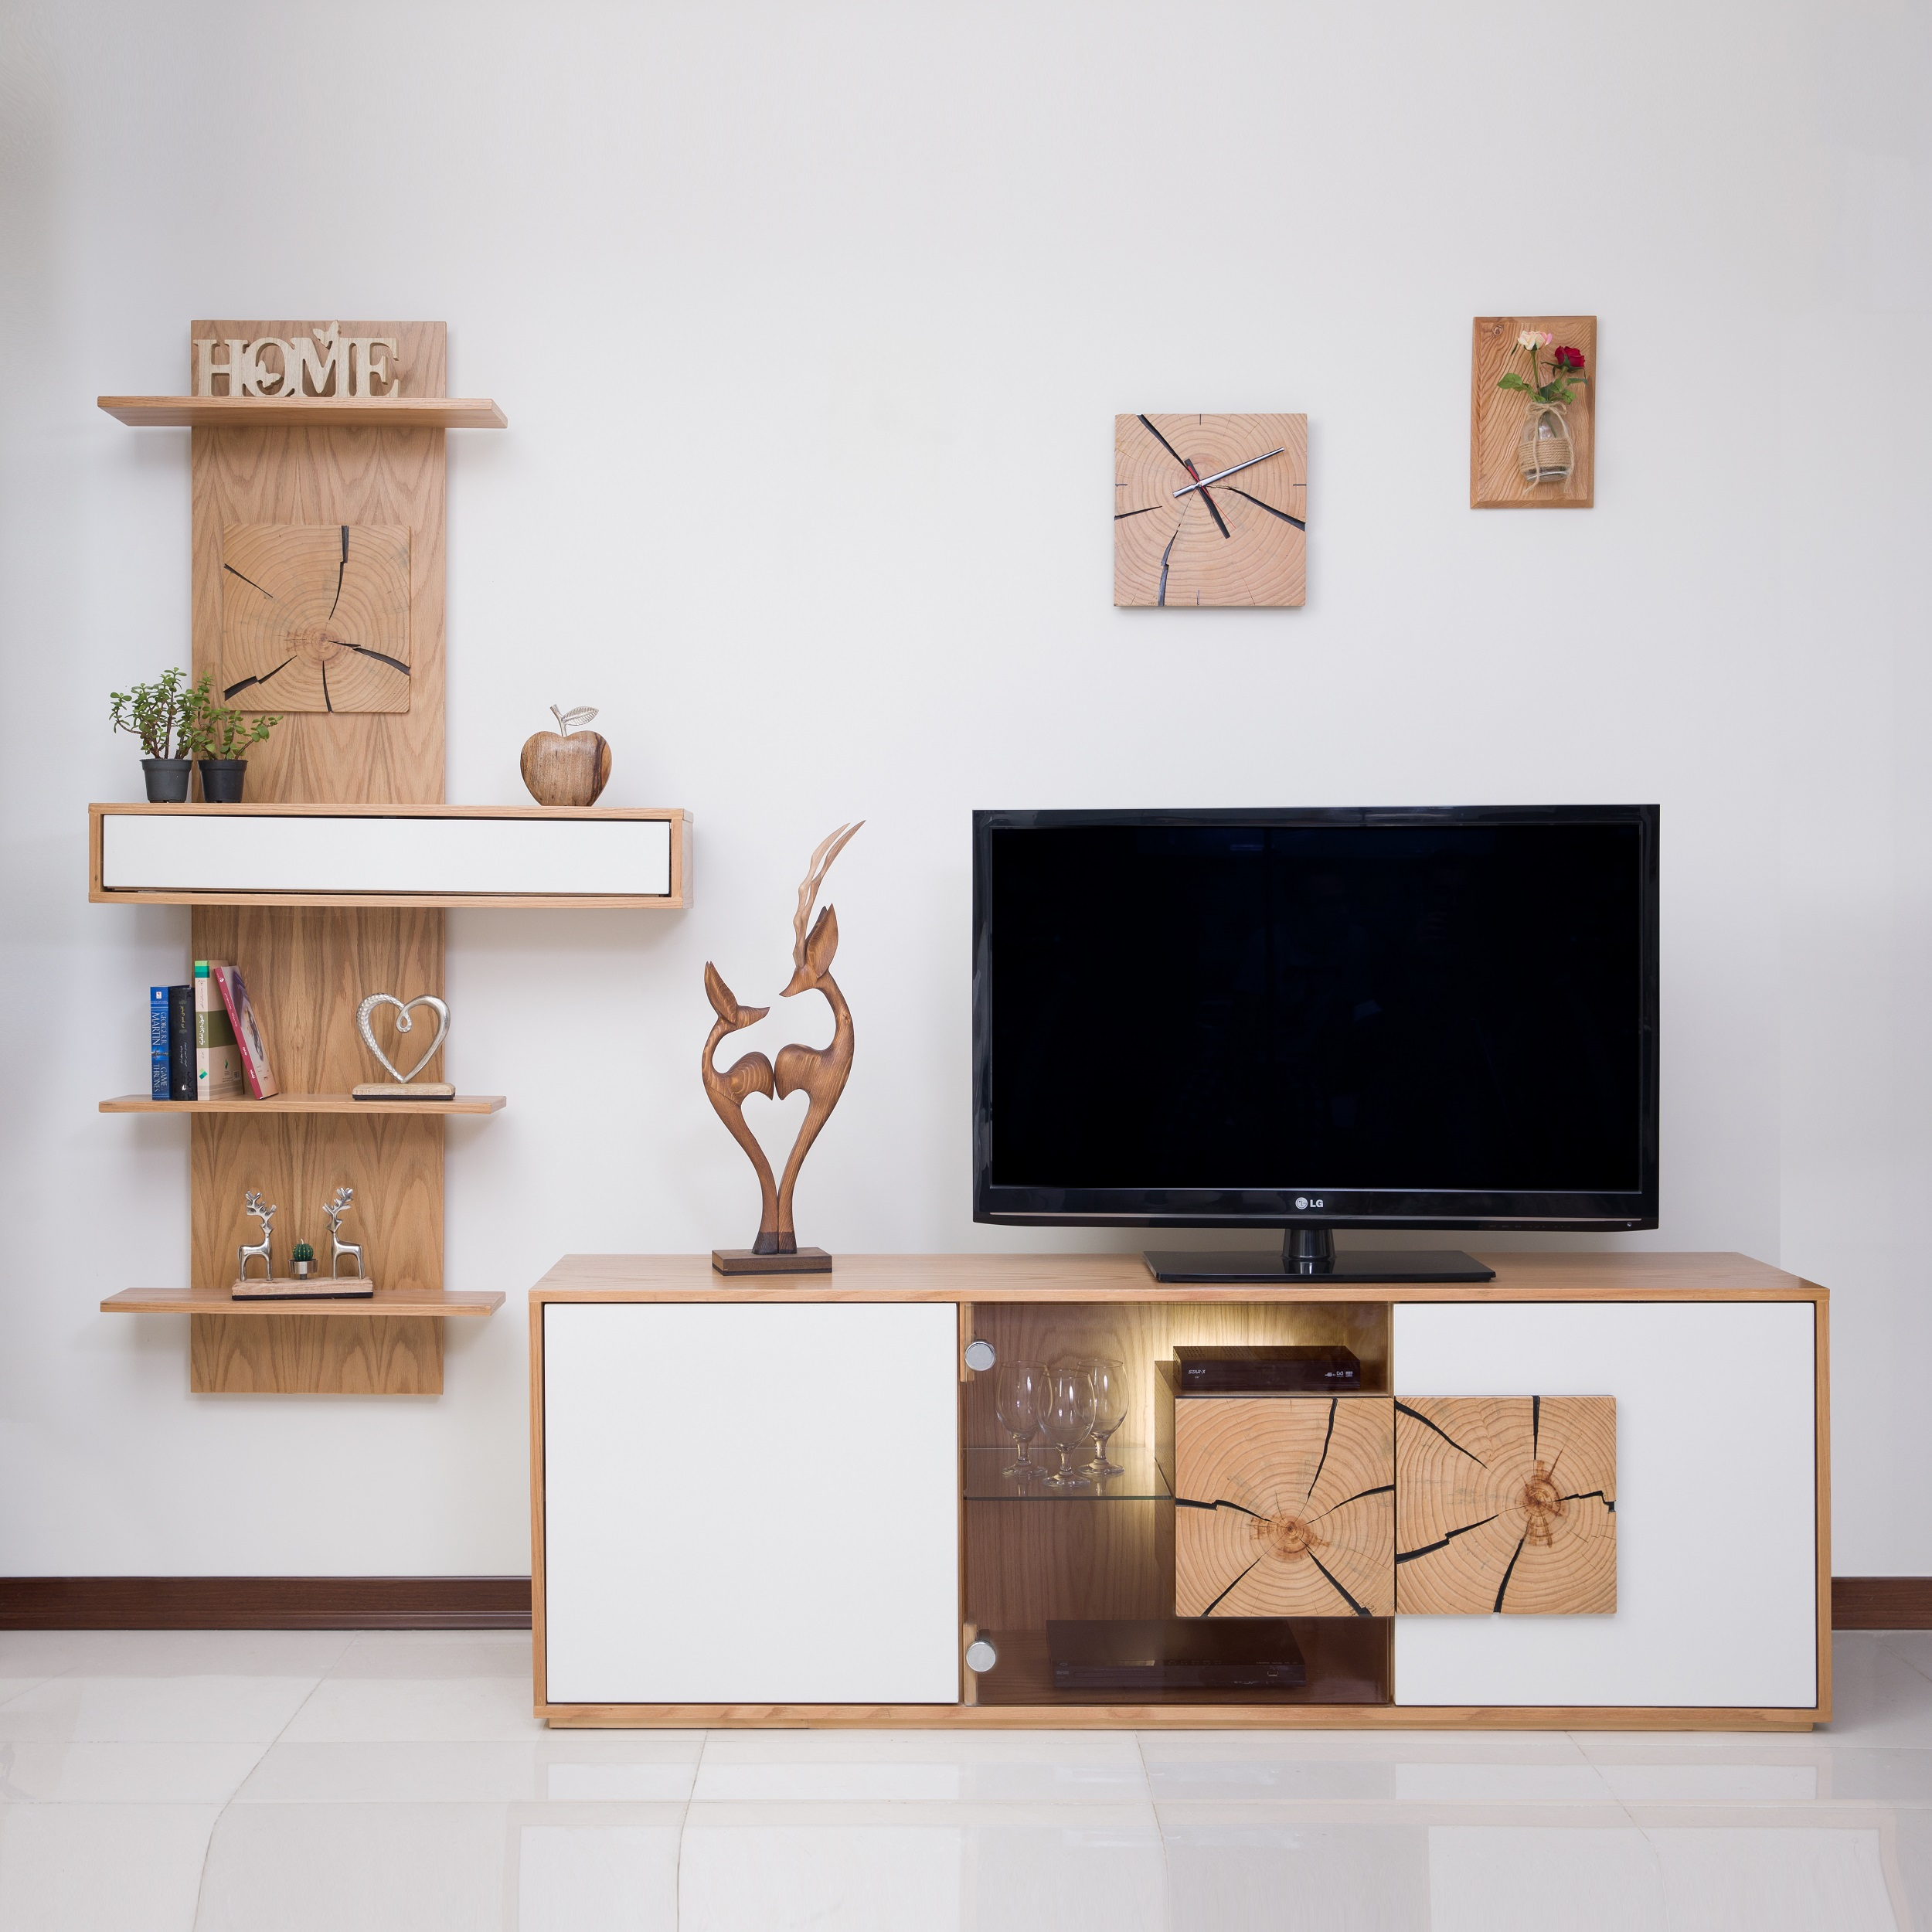 میز تلویزیون صنایع چوبی آذرباد مدل نهال کد B300 به همراه شلف دیواری